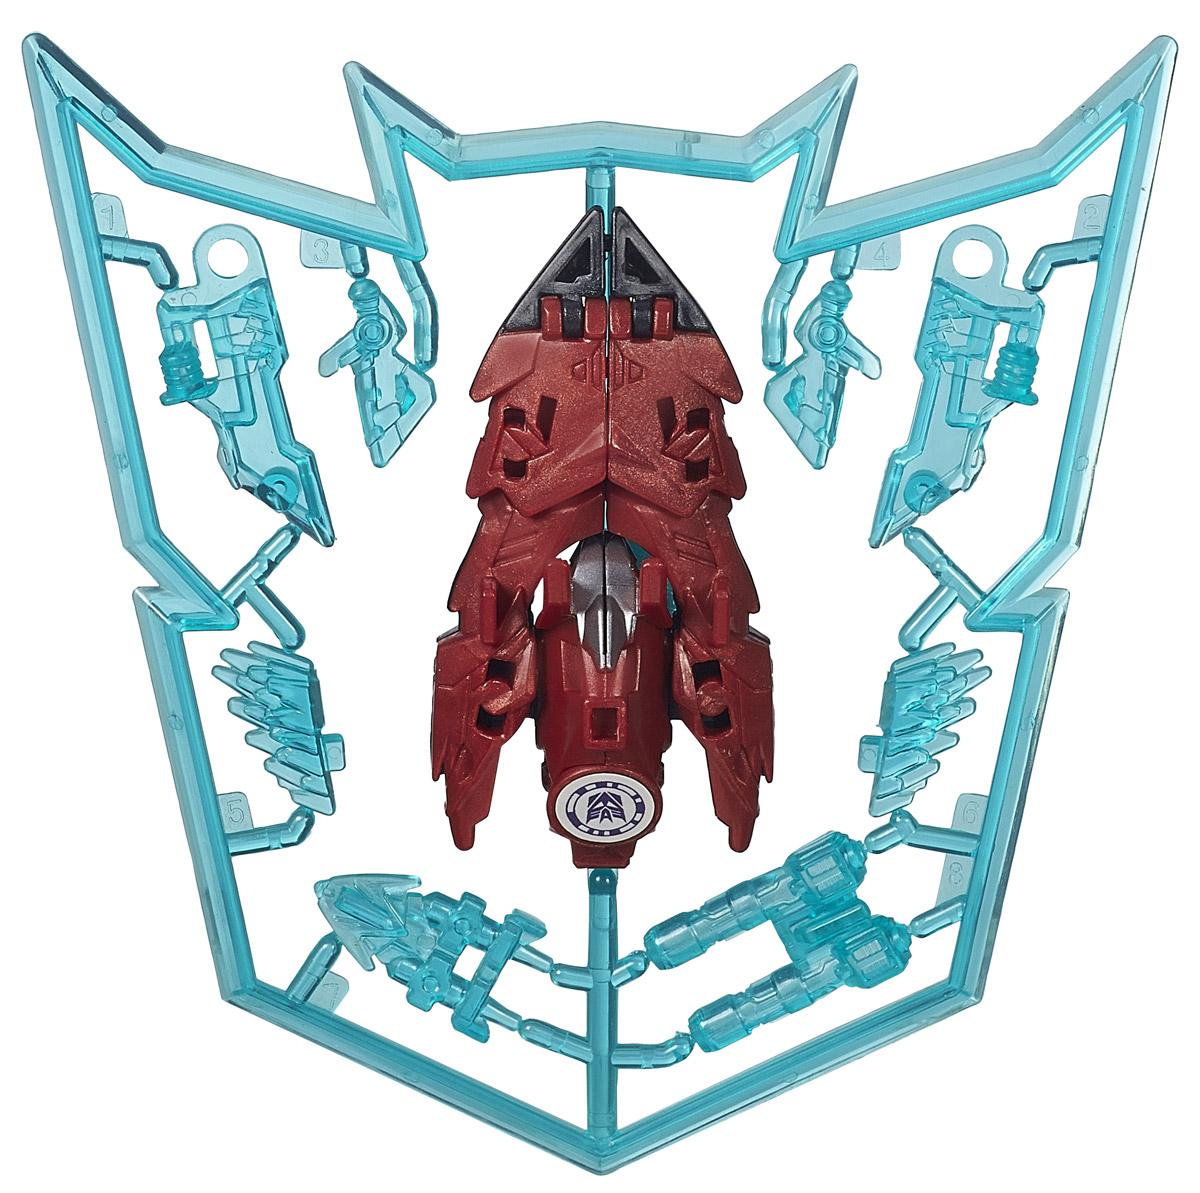 Transformers Трансформер Mini-con RatbatB0763EU4_B3054Трансформер Mini-con Ratbat обязательно привлечет внимание вашего малыша не позволит ему скучать. Игрушка выполнена из безопасного для ребенка материала. Чтобы начать игру, необходимо освободить игрушку от рамы, к которой она прикреплена. Трансформер несмотря на свои небольшие размеры, трансформируется в один шаг из маленького объекта в сильного робота. В этом режиме его можно вооружить при помощи различных аксессуаров, которые прикреплены к раме и входят в набор. Ребенок с удовольствием будет играть с фигуркой, придумывая разные истории. Порадуйте его таким замечательным подарком!